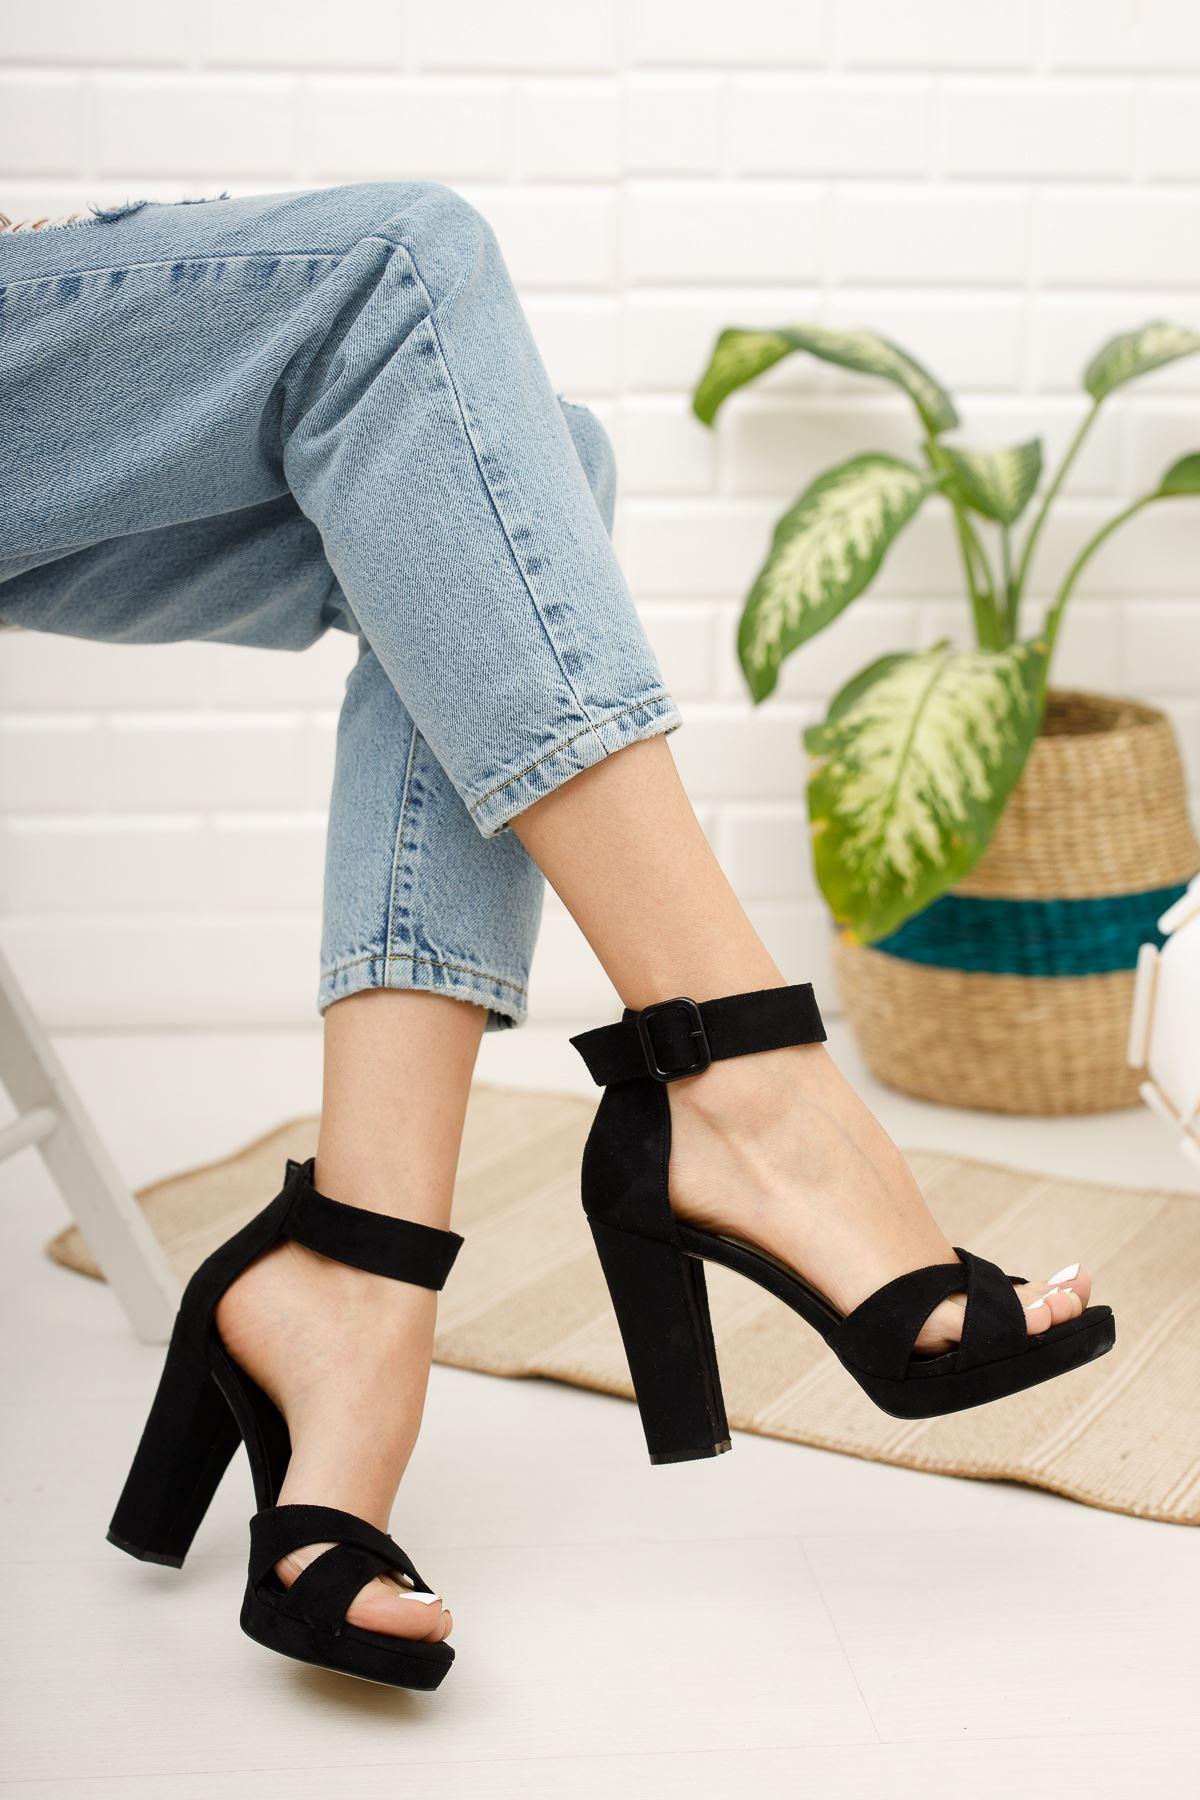 Kadın Loked Yüksek Topuklu Siyah Süet Tek Bant Ayakkabı Çapraz Bantlı